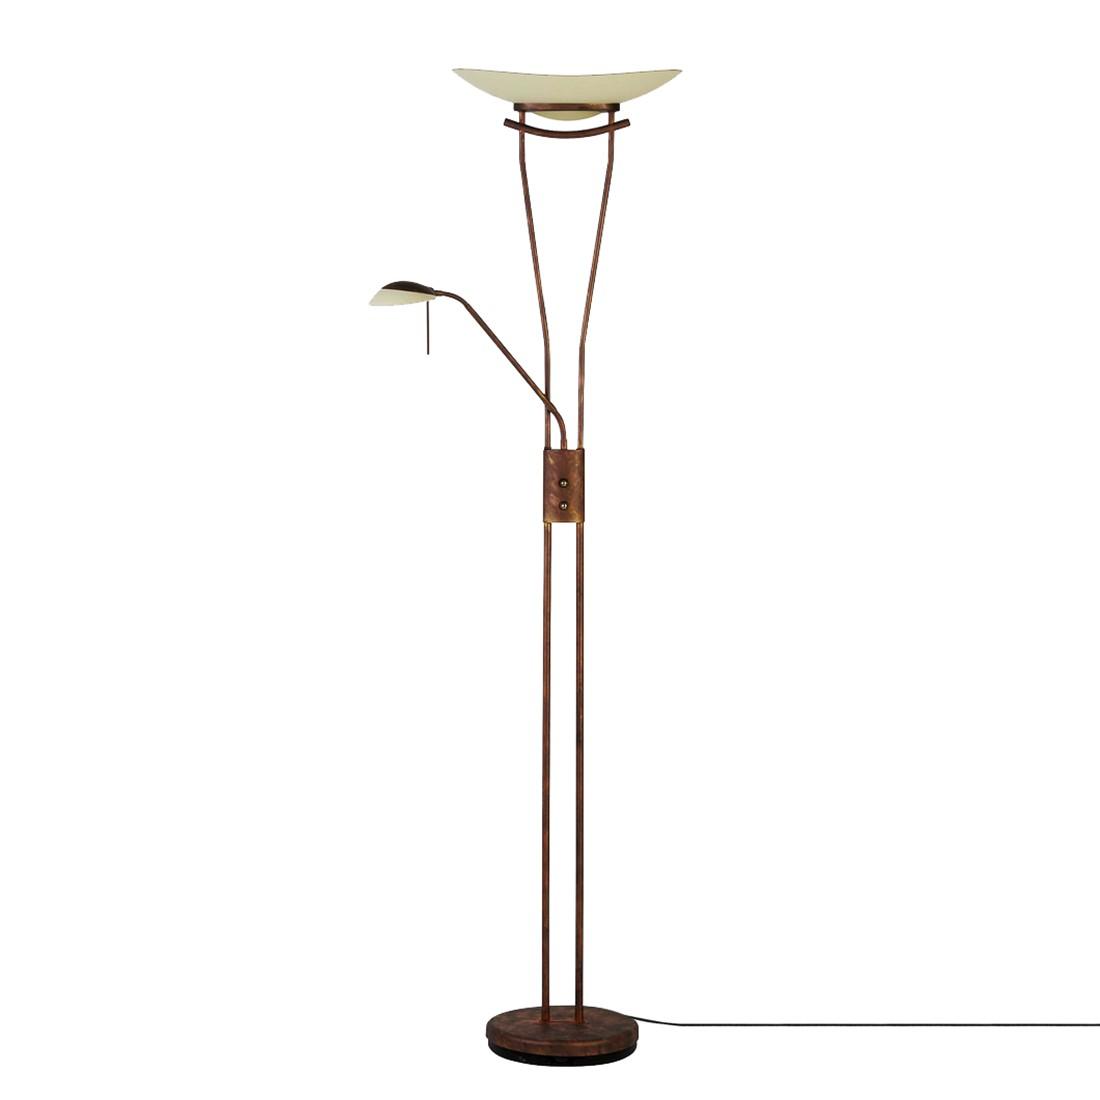 eek a lampadaire ravenna 1 ampoule brilliant par. Black Bedroom Furniture Sets. Home Design Ideas